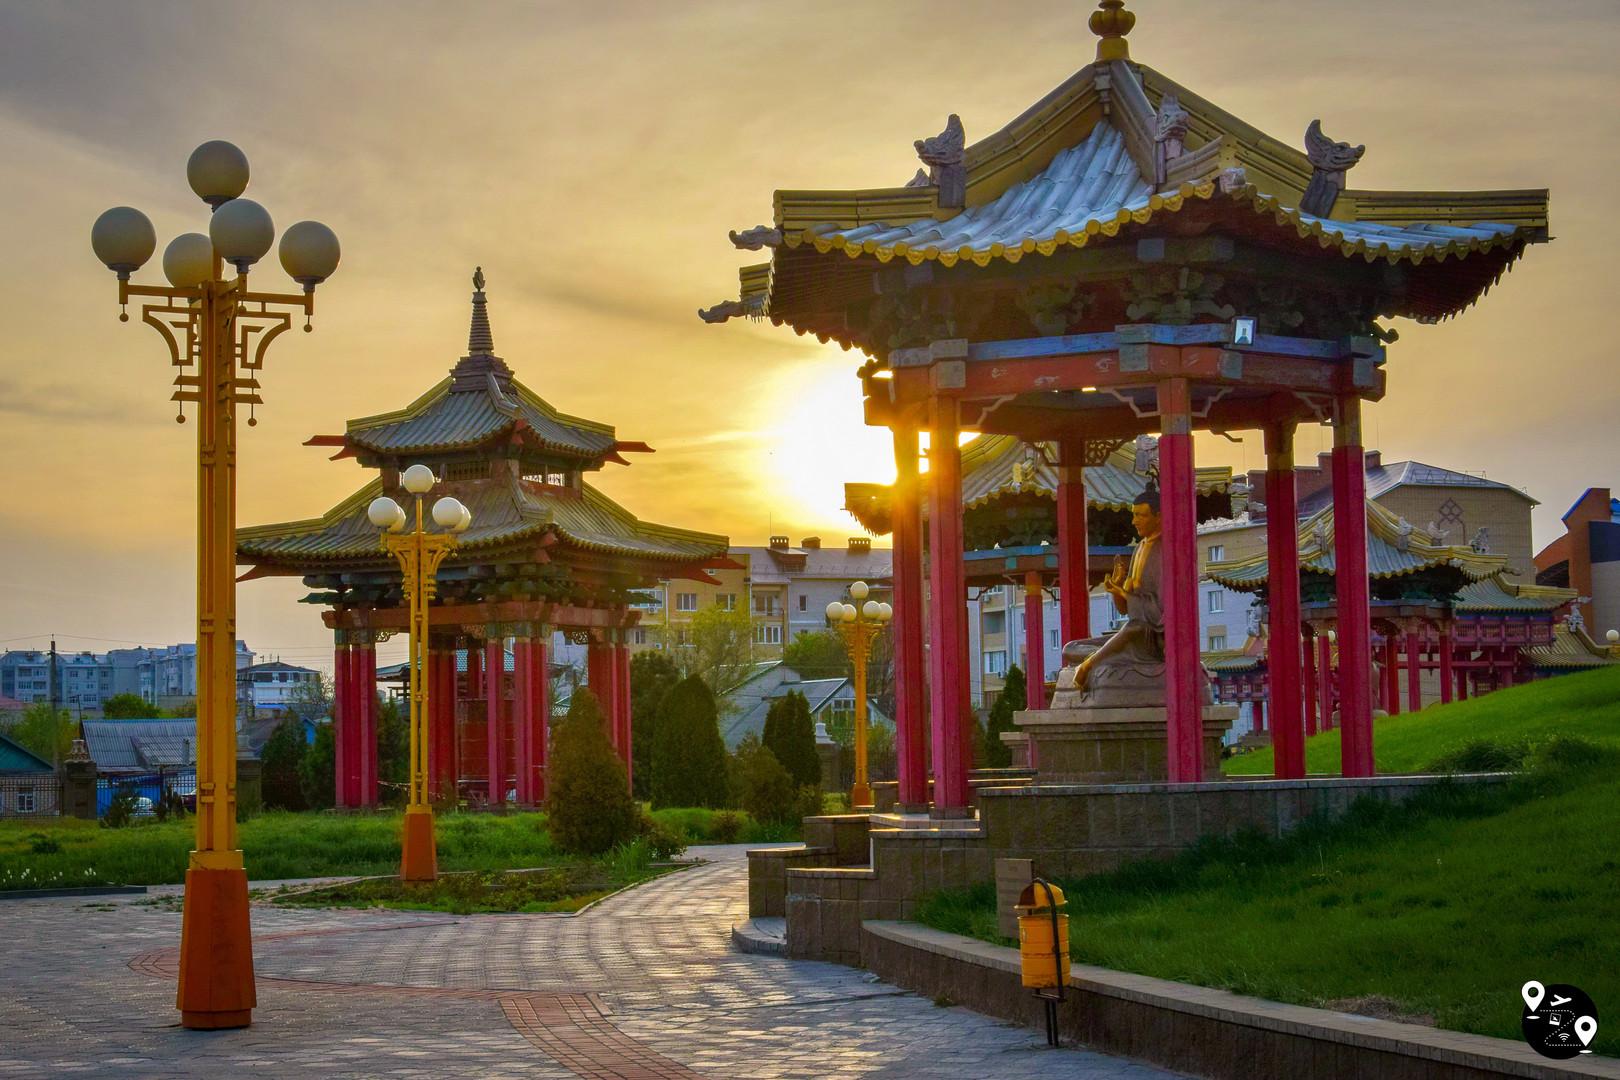 Буддистские арки в Элисте, Калмыкия